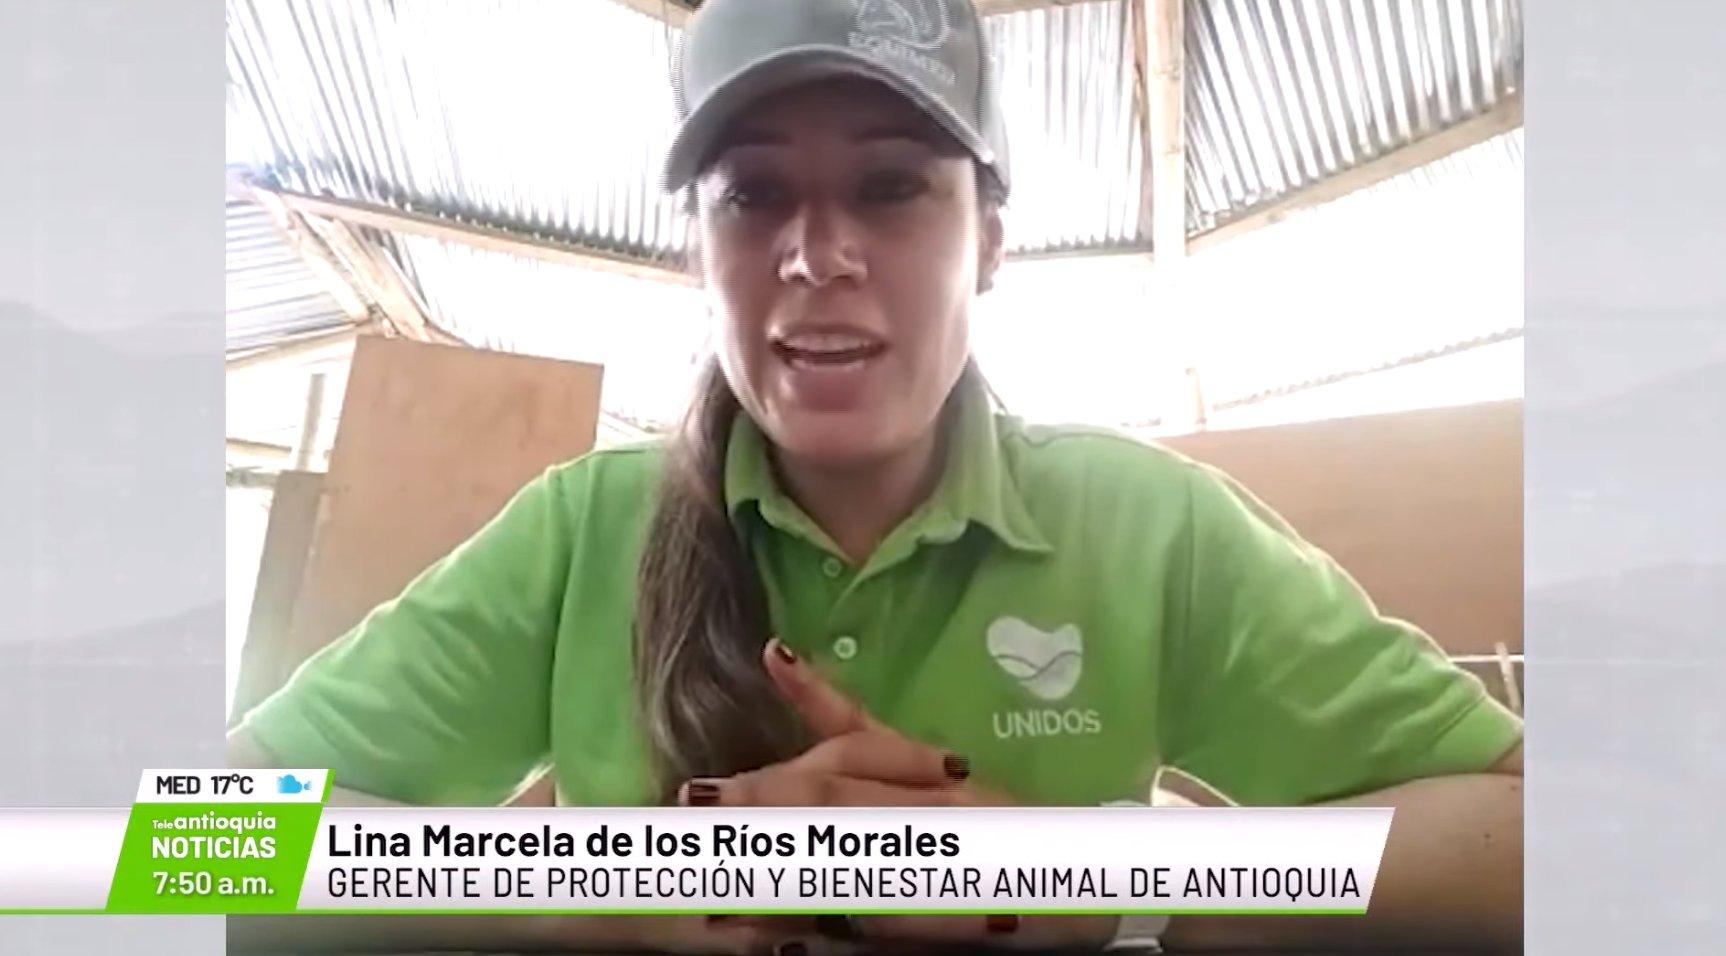 Lina Marcela de los Ríos, gerente de protección y bienestar animal de Antioquia.